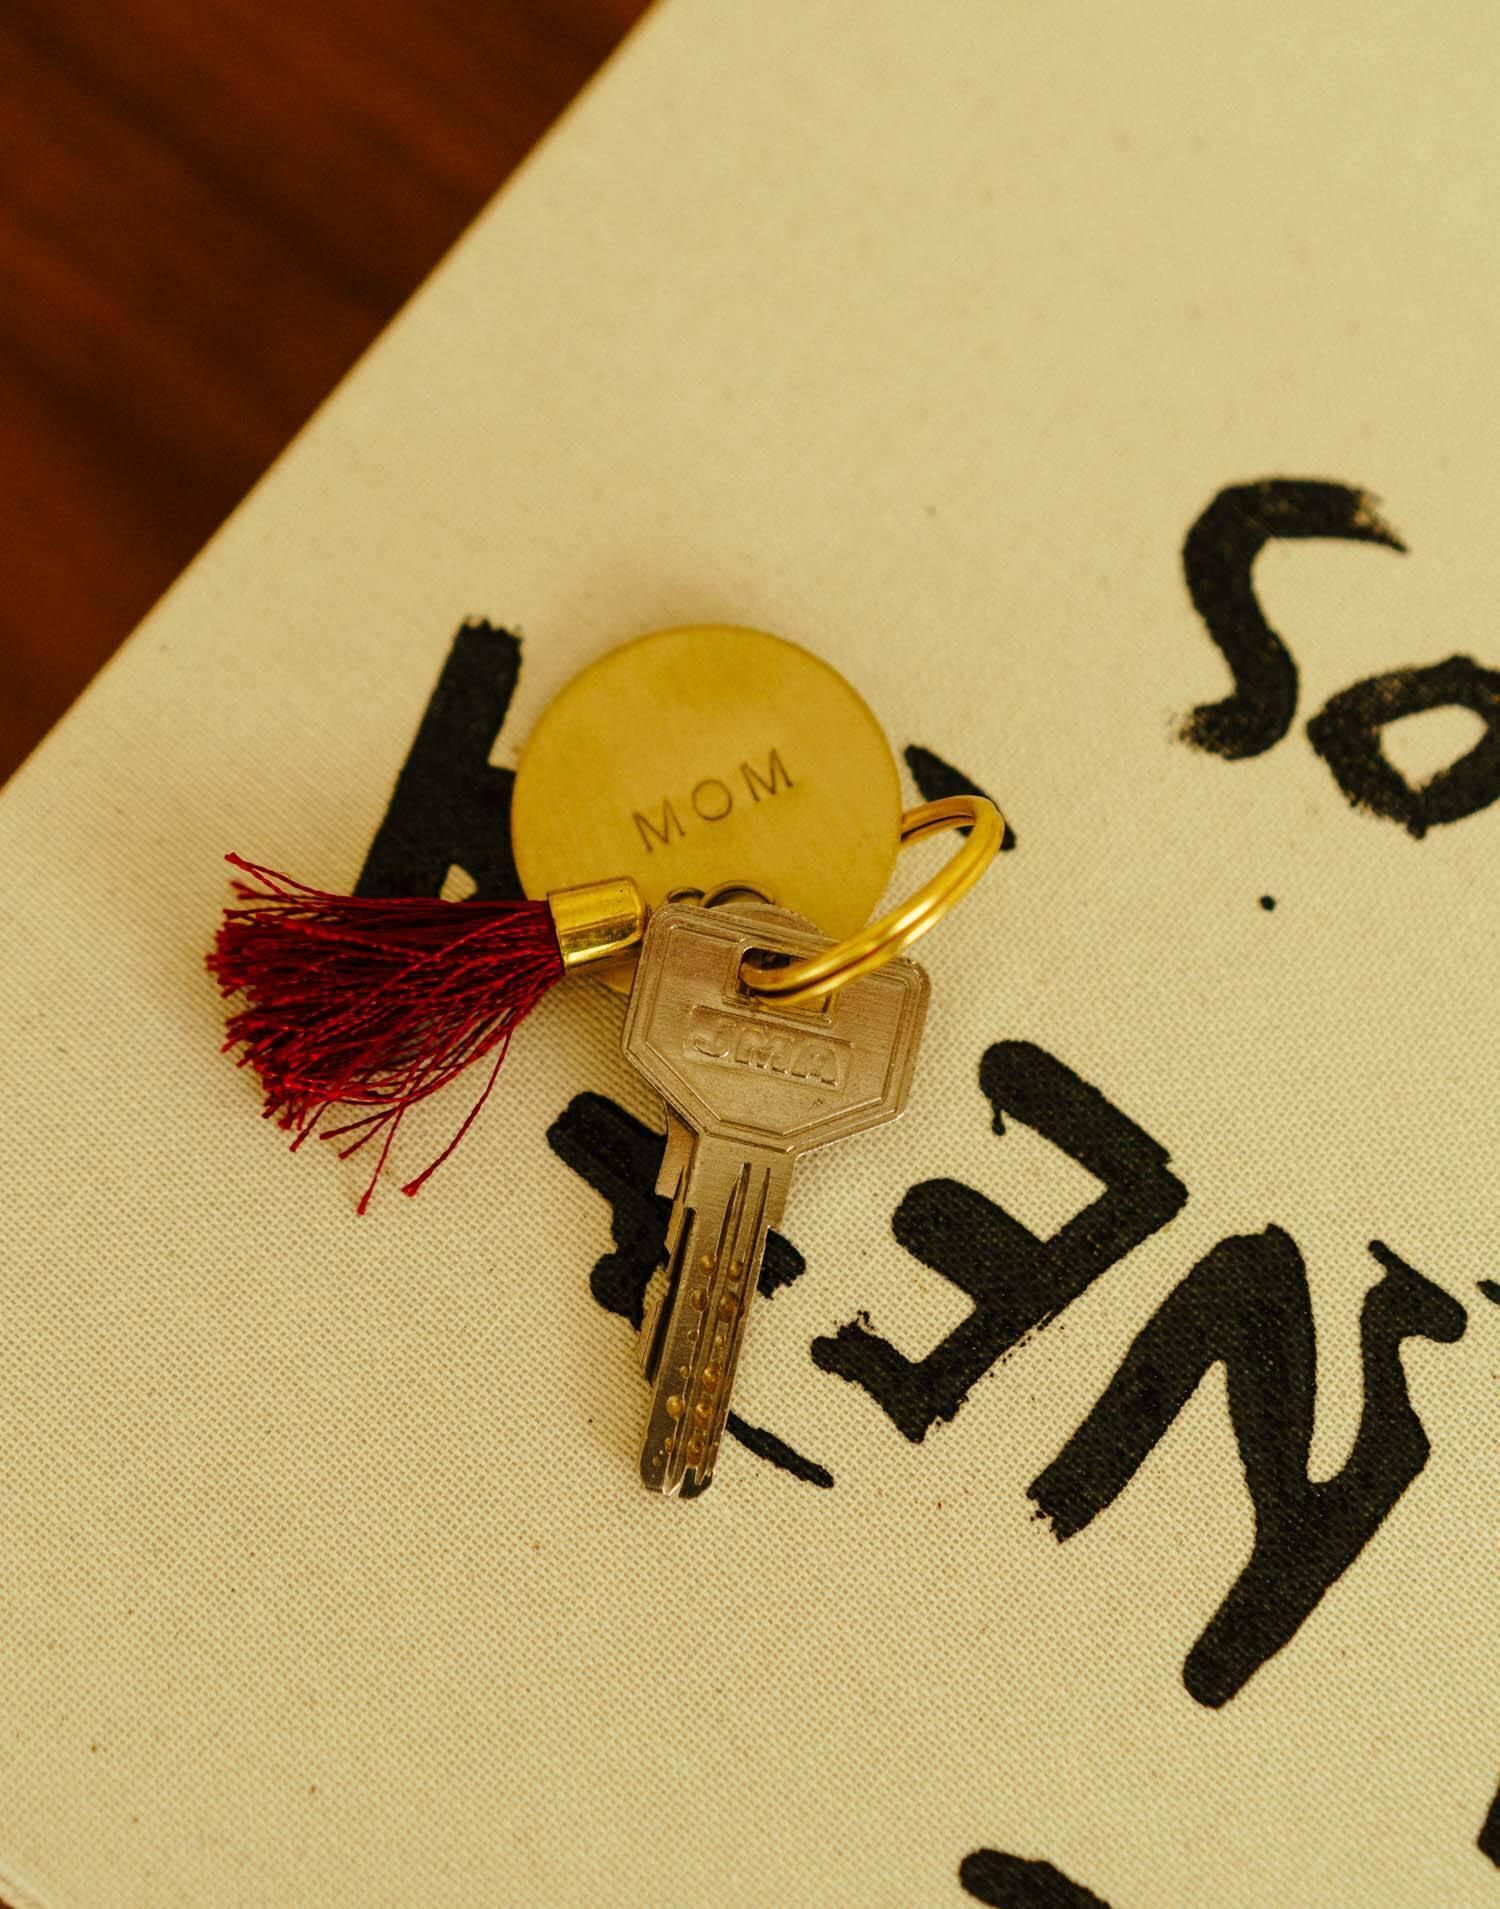 Pom pom key-chain